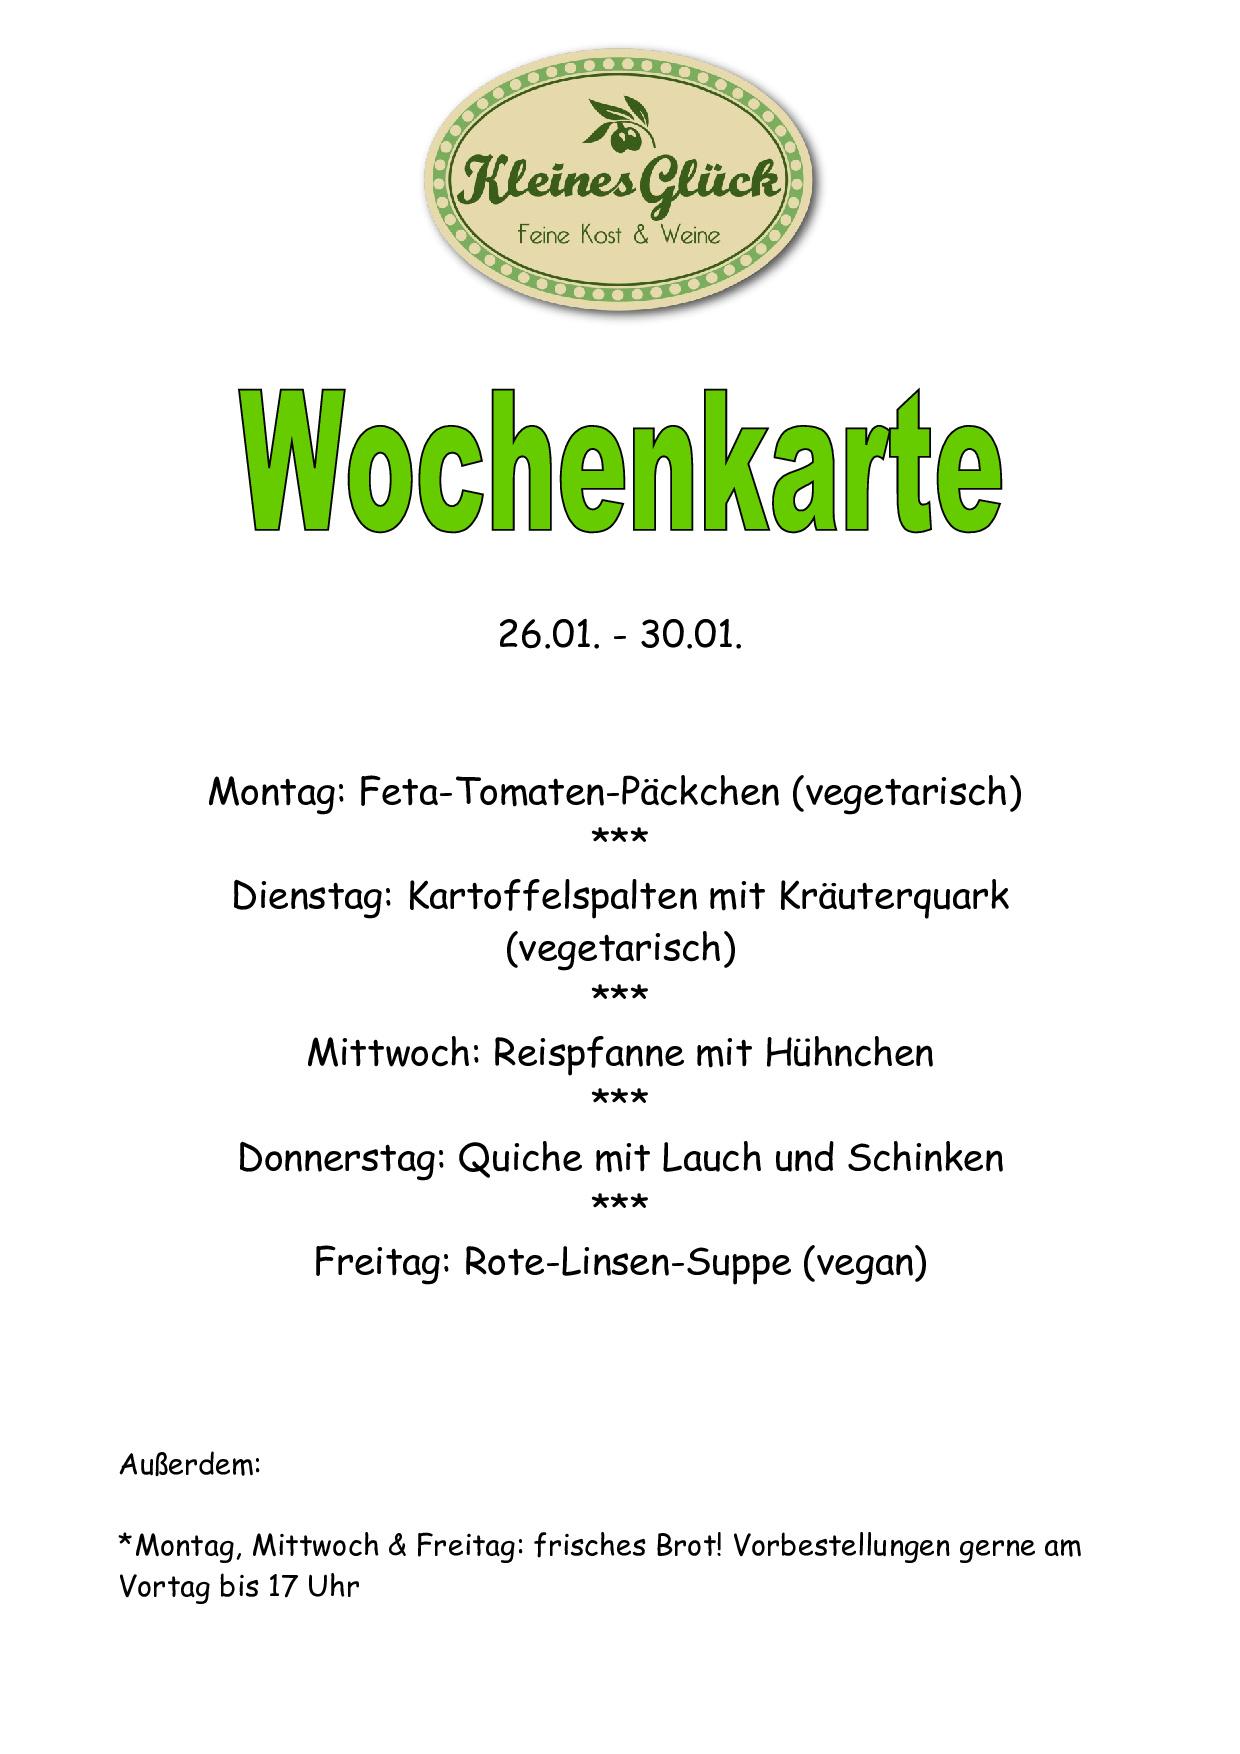 Wochenkarte_15-04